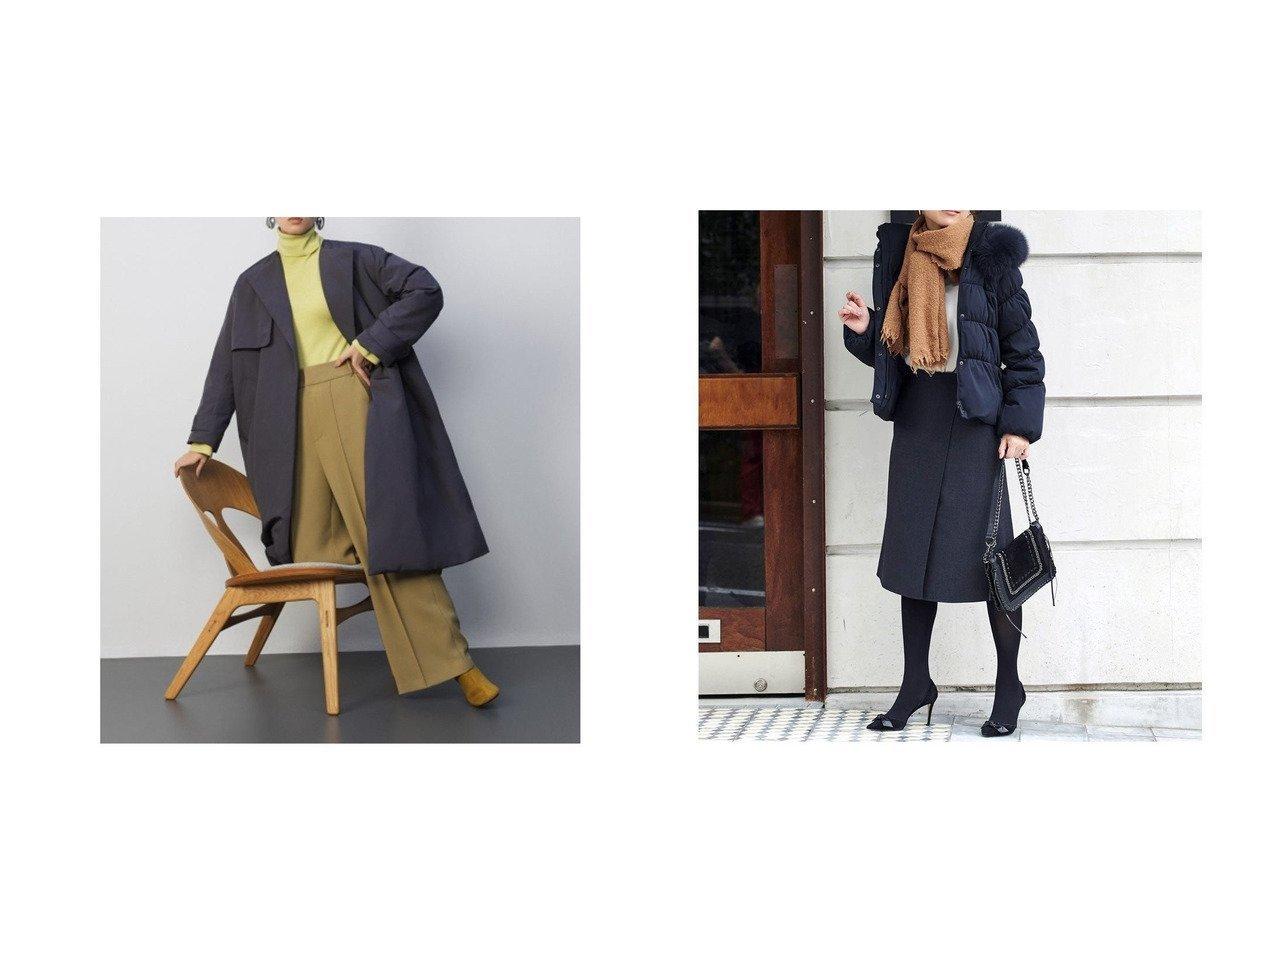 【RUIRUE BOUTIQUE/ルイ ルエ ブティック】のフォックスファーシャーリングダウンジャケット&【Mila Owen/ミラオーウェン】のAライントレンチダウンコート アウターのおすすめ!人気、レディースファッションの通販  おすすめで人気のファッション通販商品 インテリア・家具・キッズファッション・メンズファッション・レディースファッション・服の通販 founy(ファニー) https://founy.com/ ファッション Fashion レディース WOMEN アウター Coat Outerwear コート Coats ダウン Down Coats And Jackets ジャケット Jackets スマート ダウン トレンチ フェザー ロング |ID:crp329100000004225